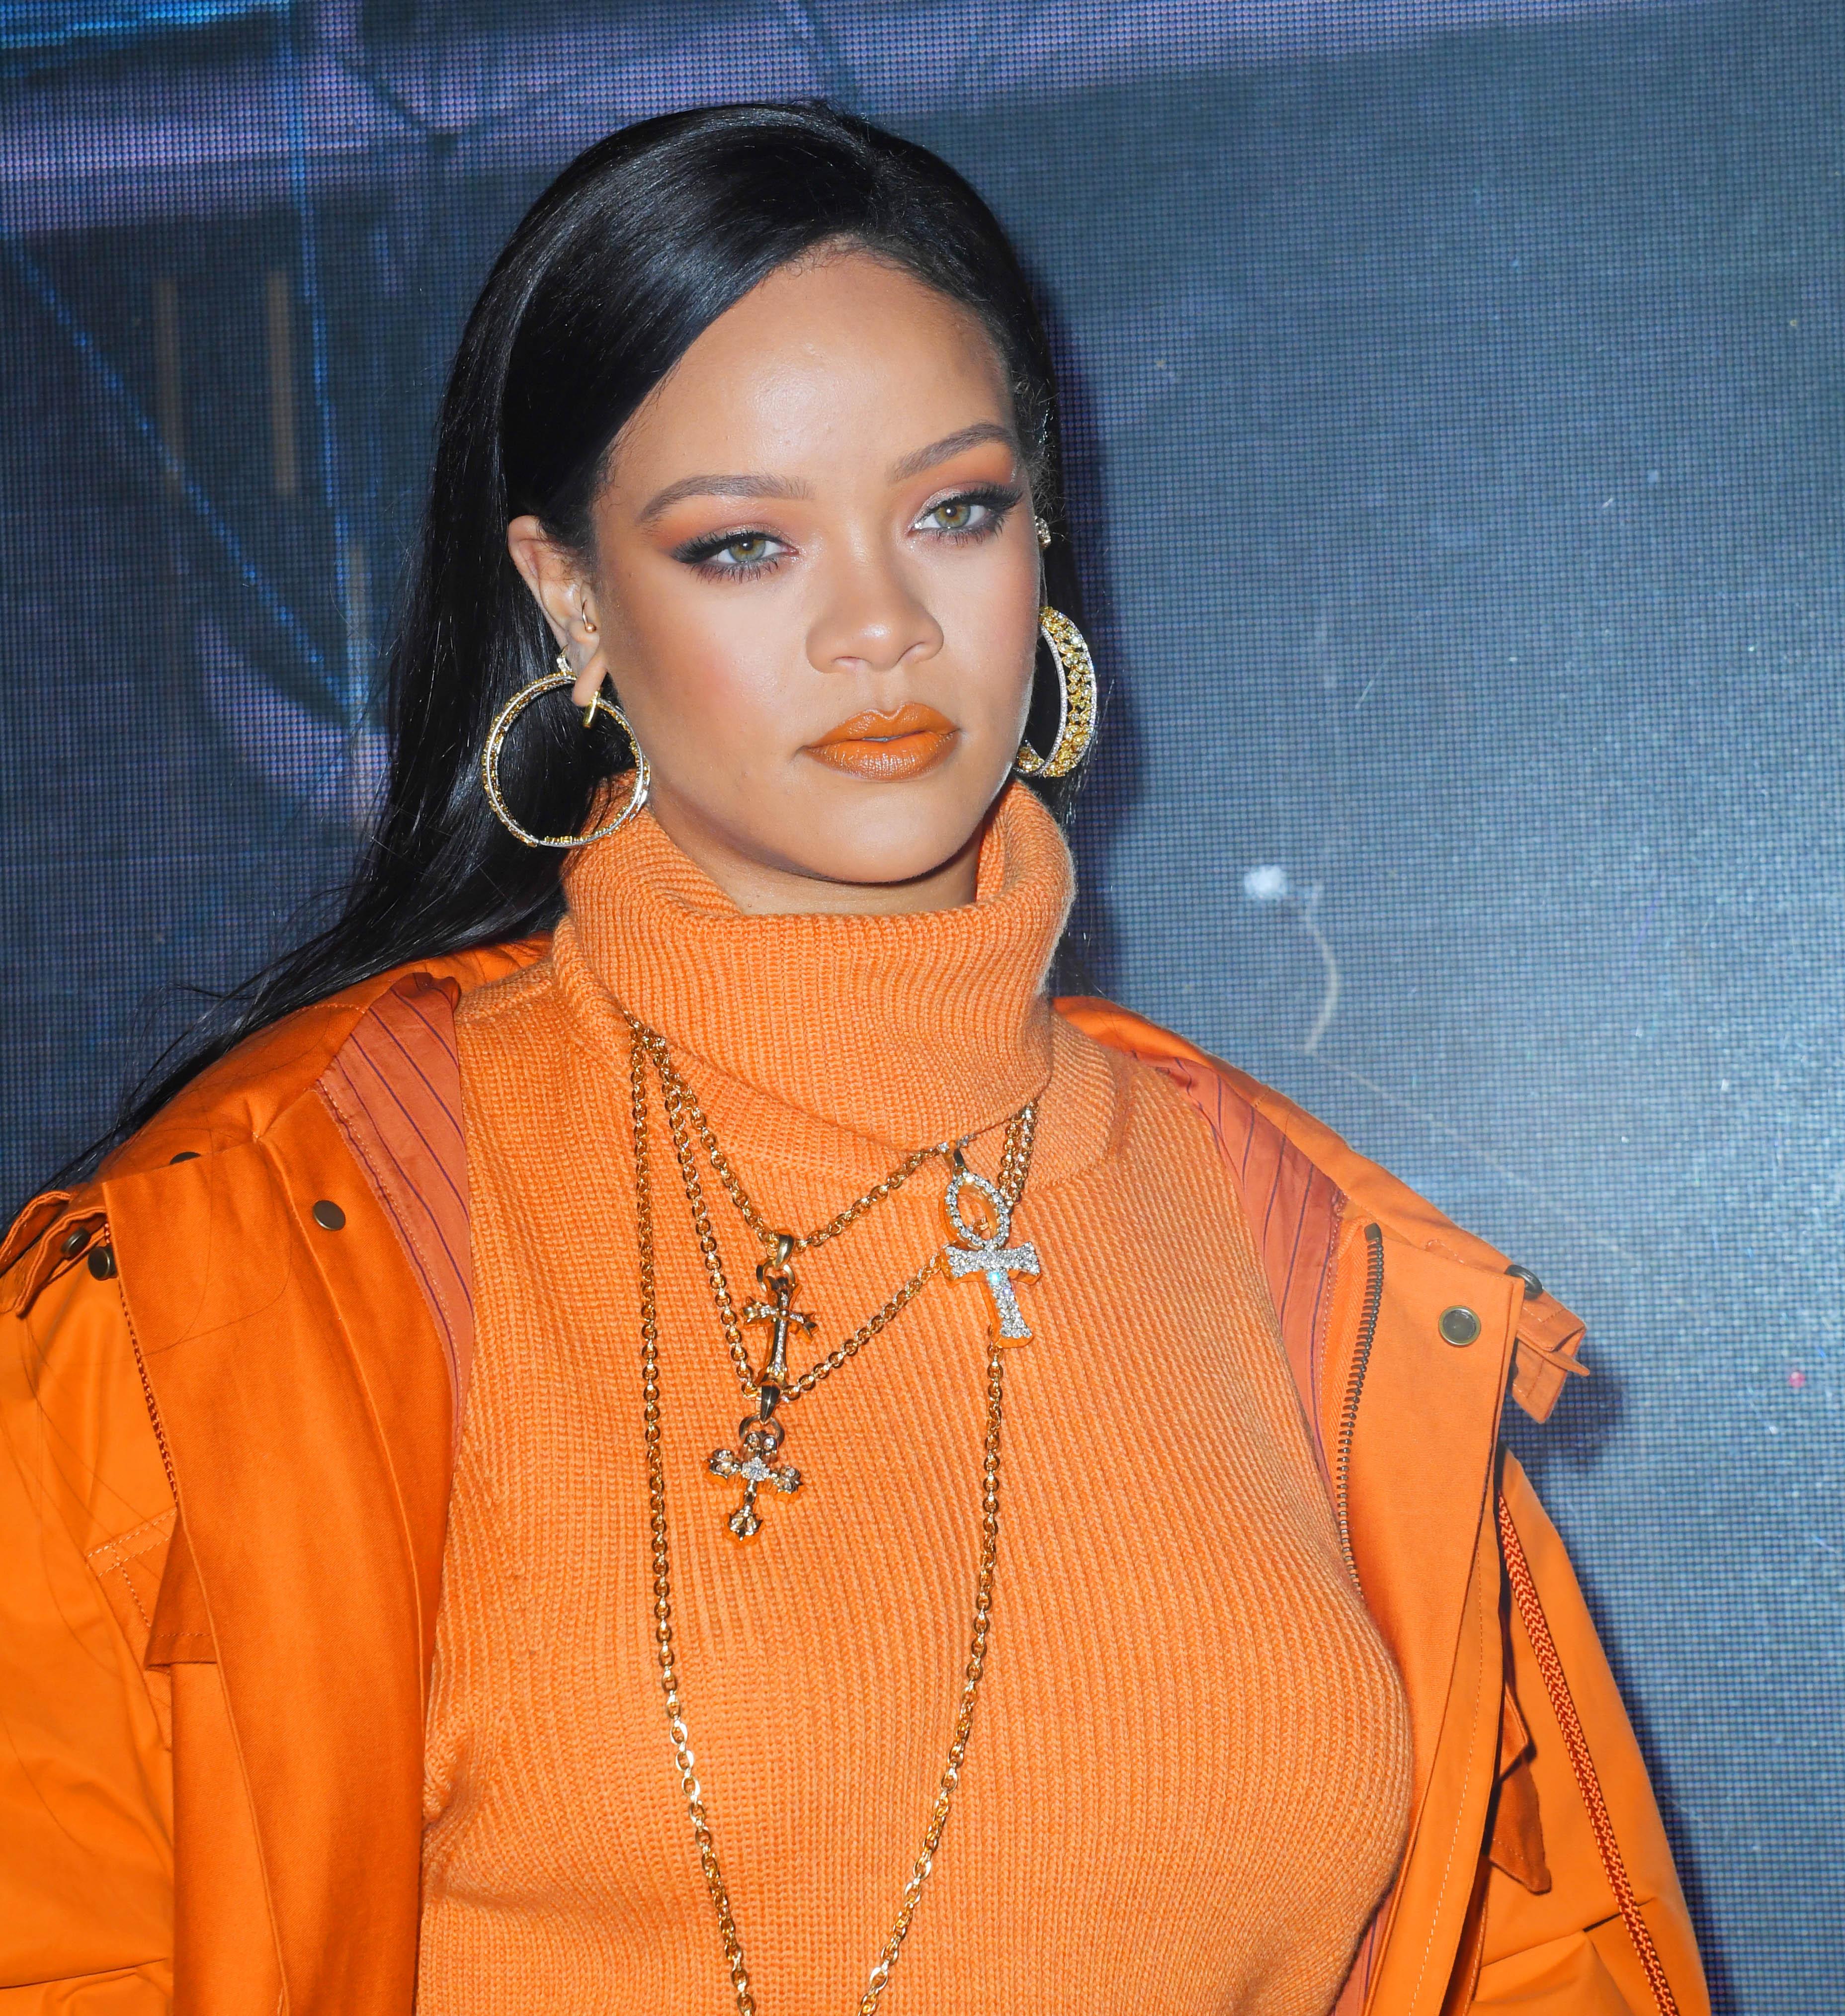 Στα Fenty Skin ανέβηκε μόλις το πρώτο post με την Rihanna! Να τι πρέπει να ξέρεις!